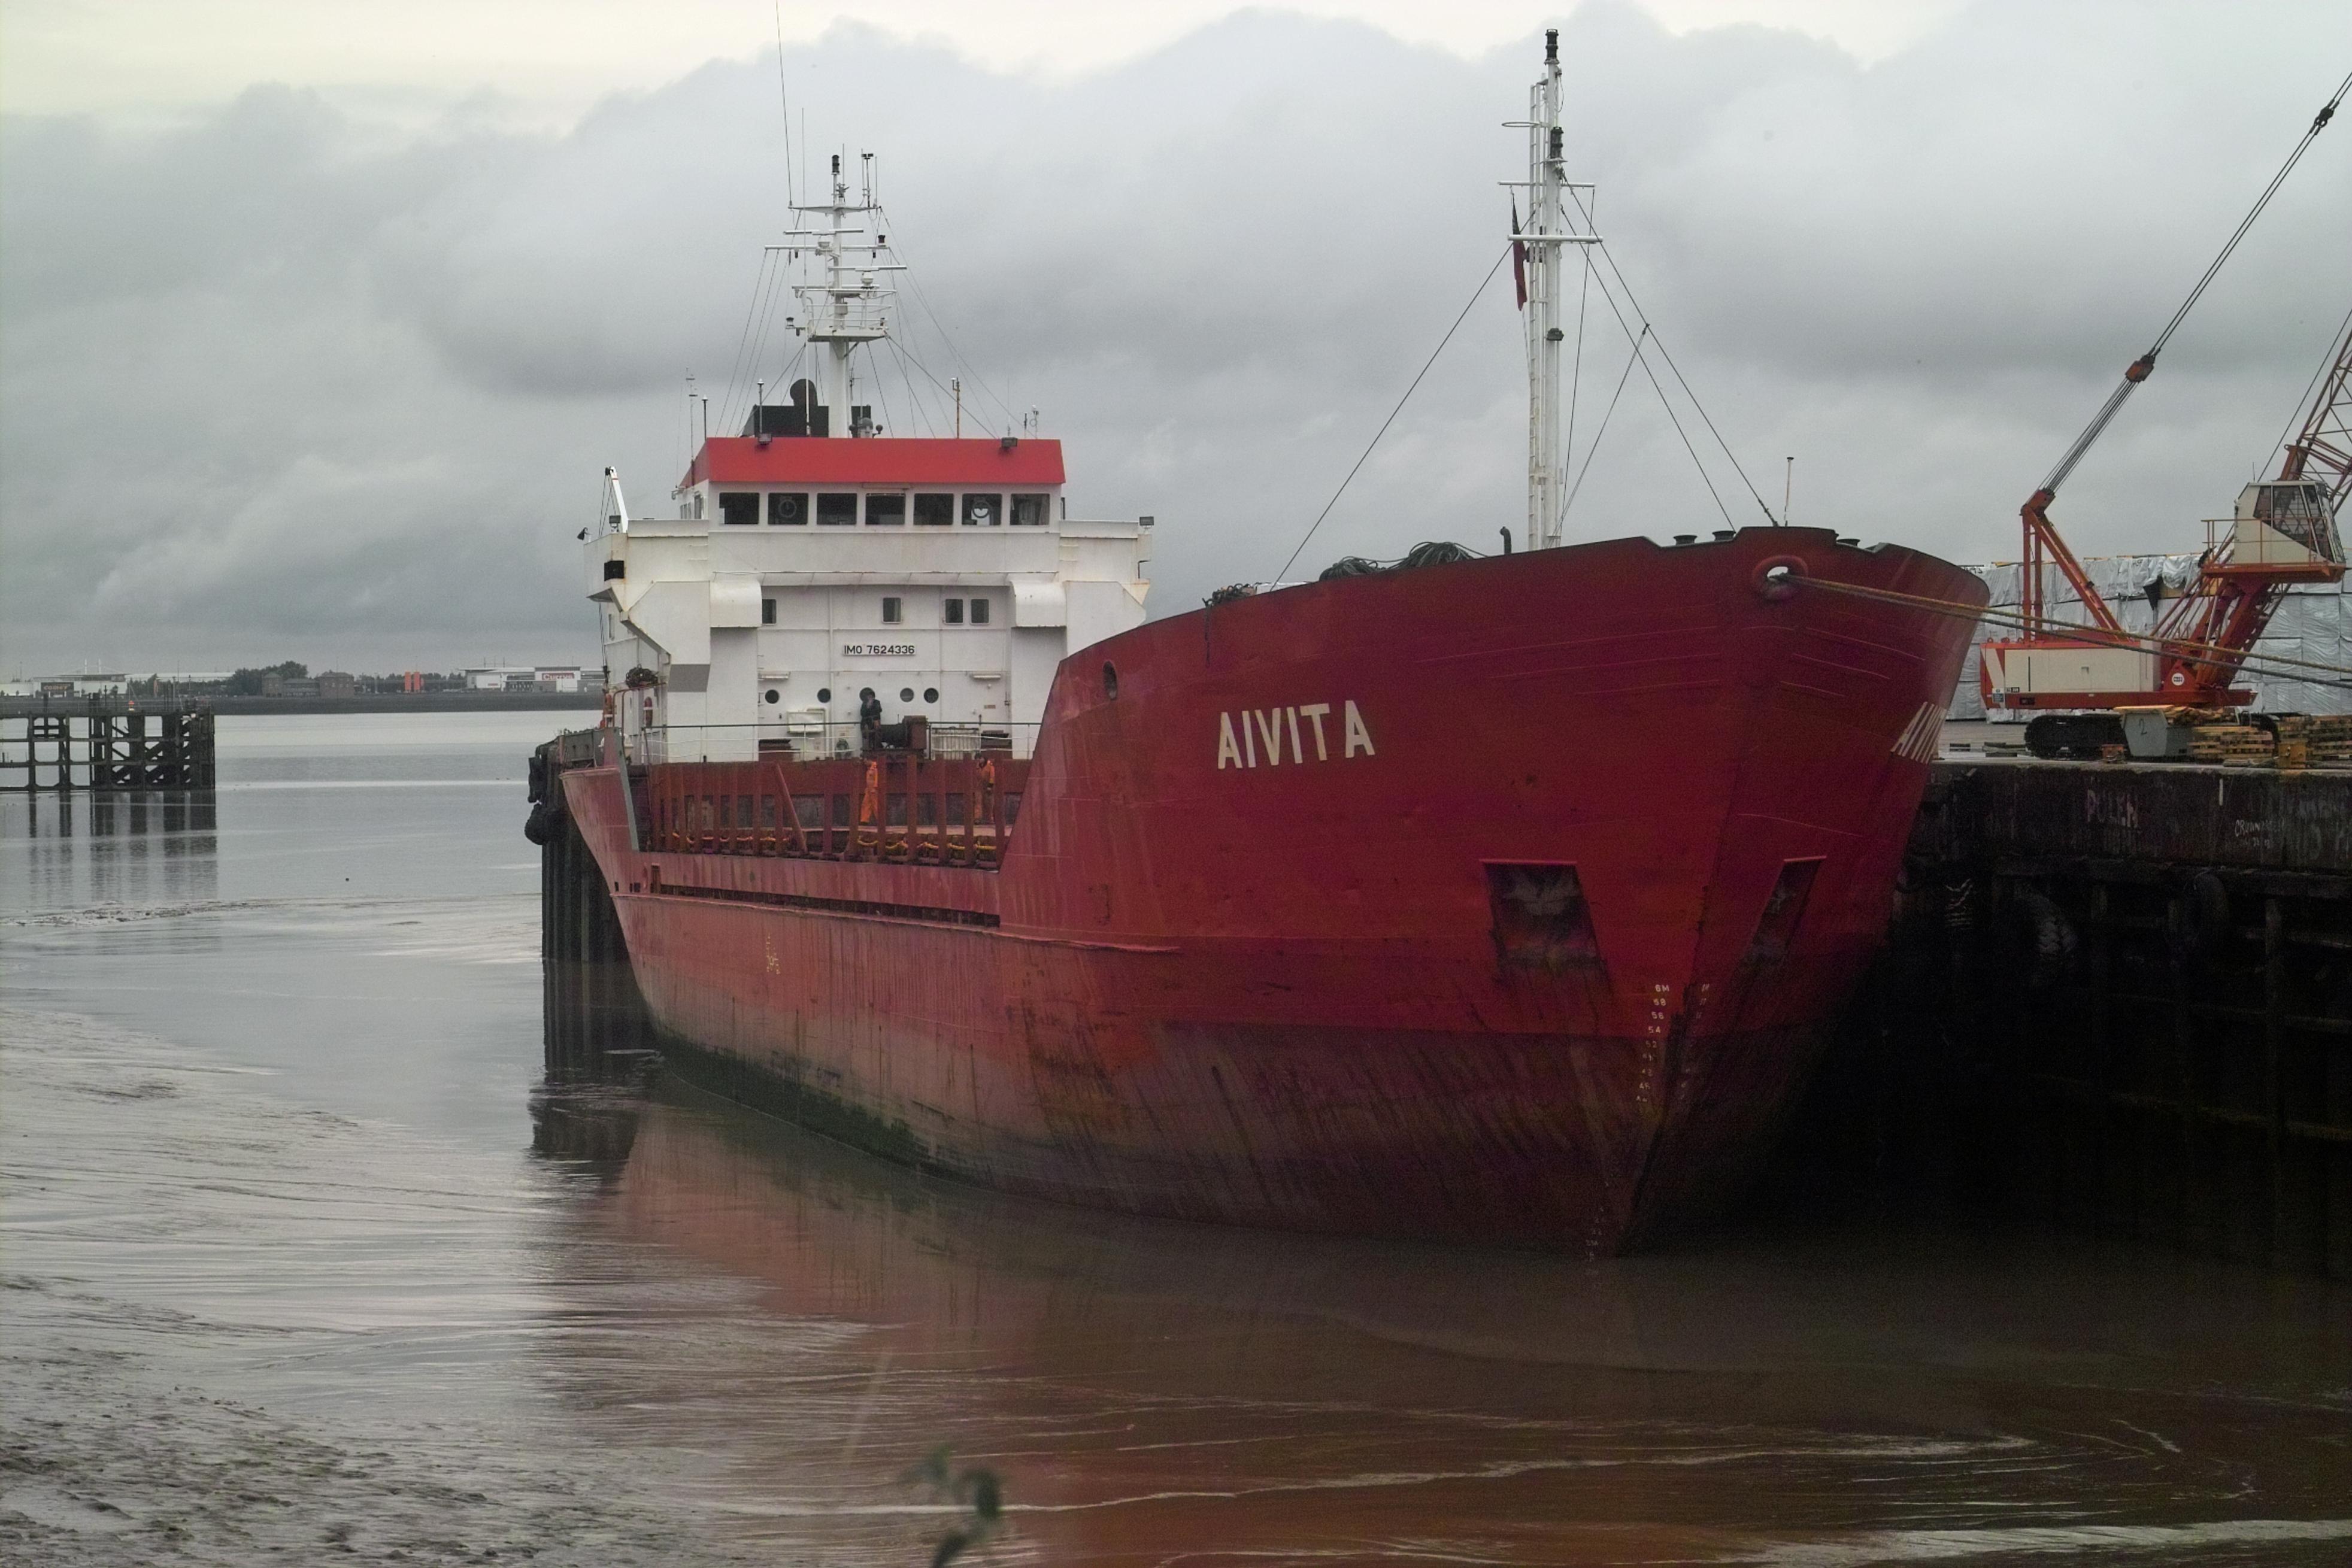 Aivita_--_a_Caribbean_freighter.jpg